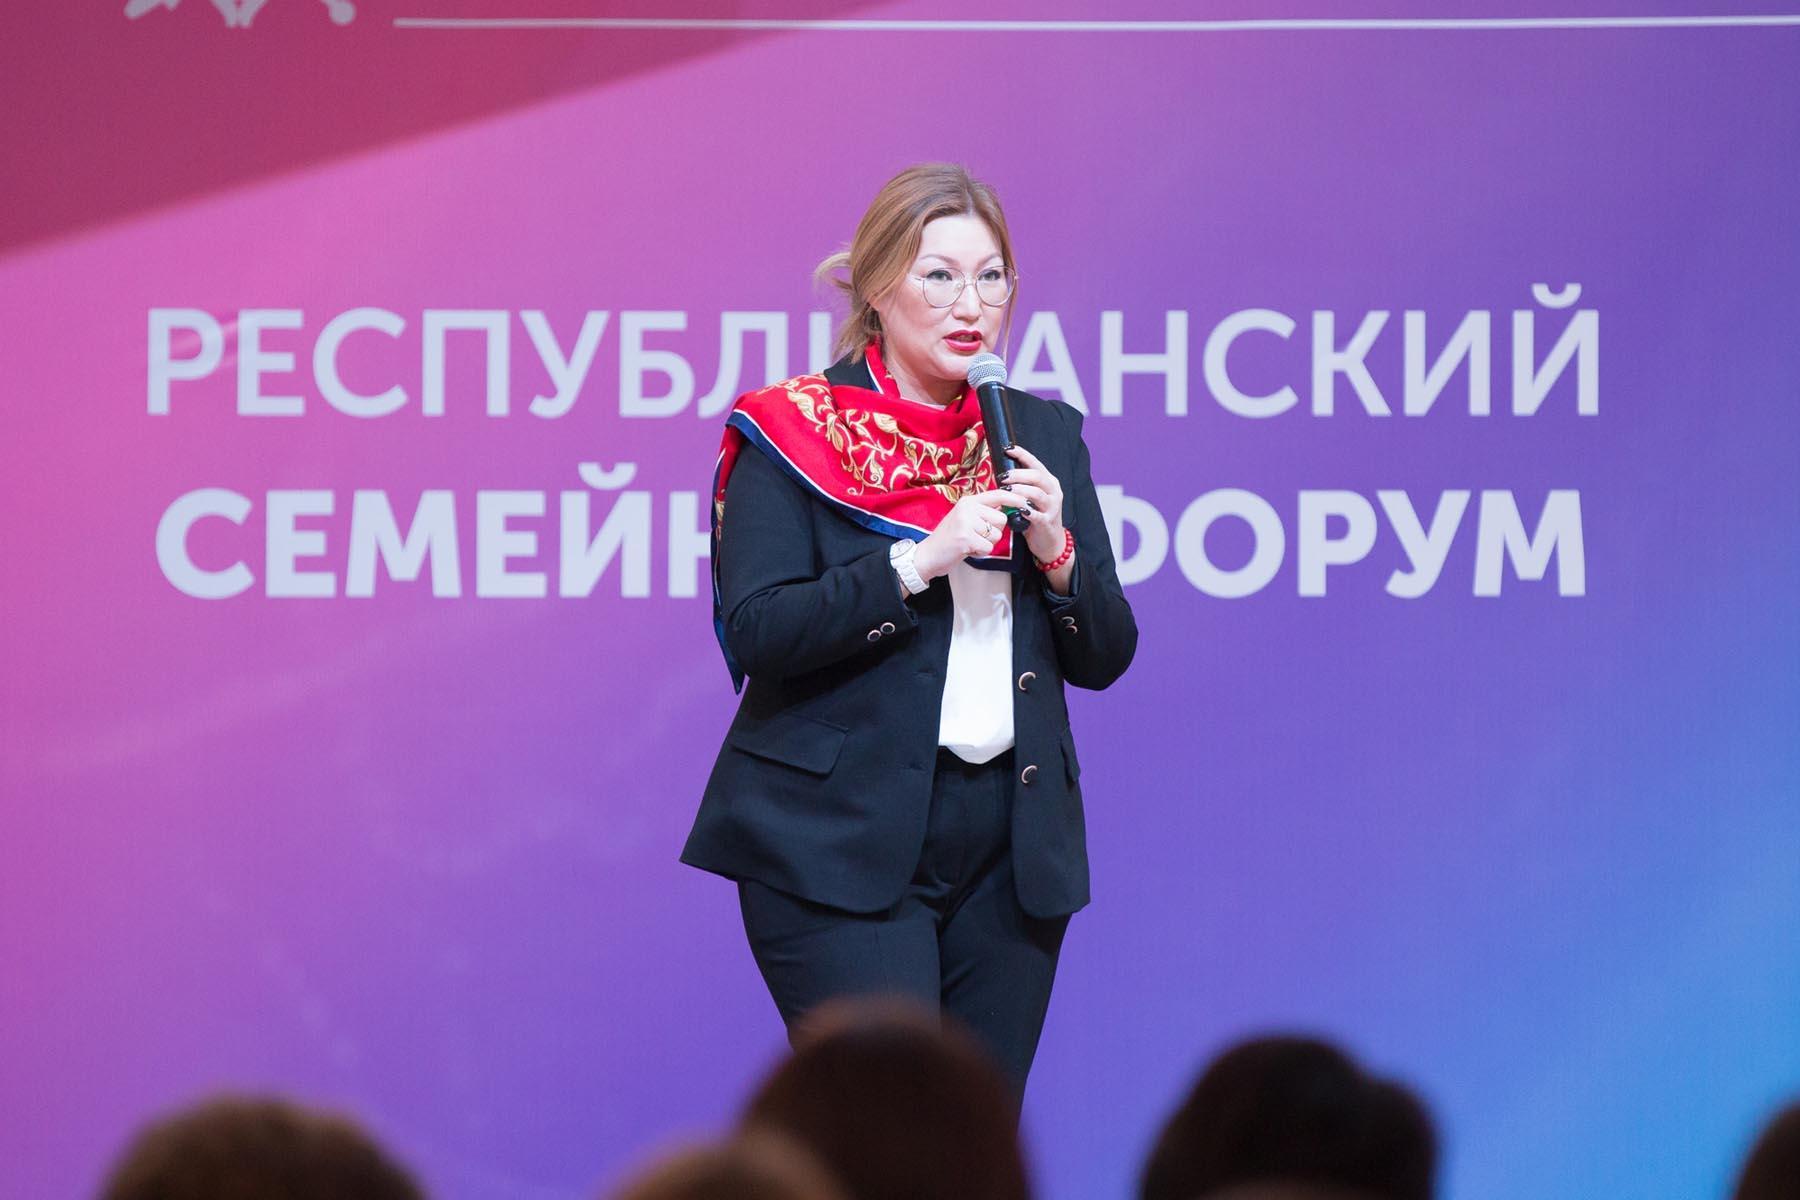 В Алматы состоялся семейный форум Onege